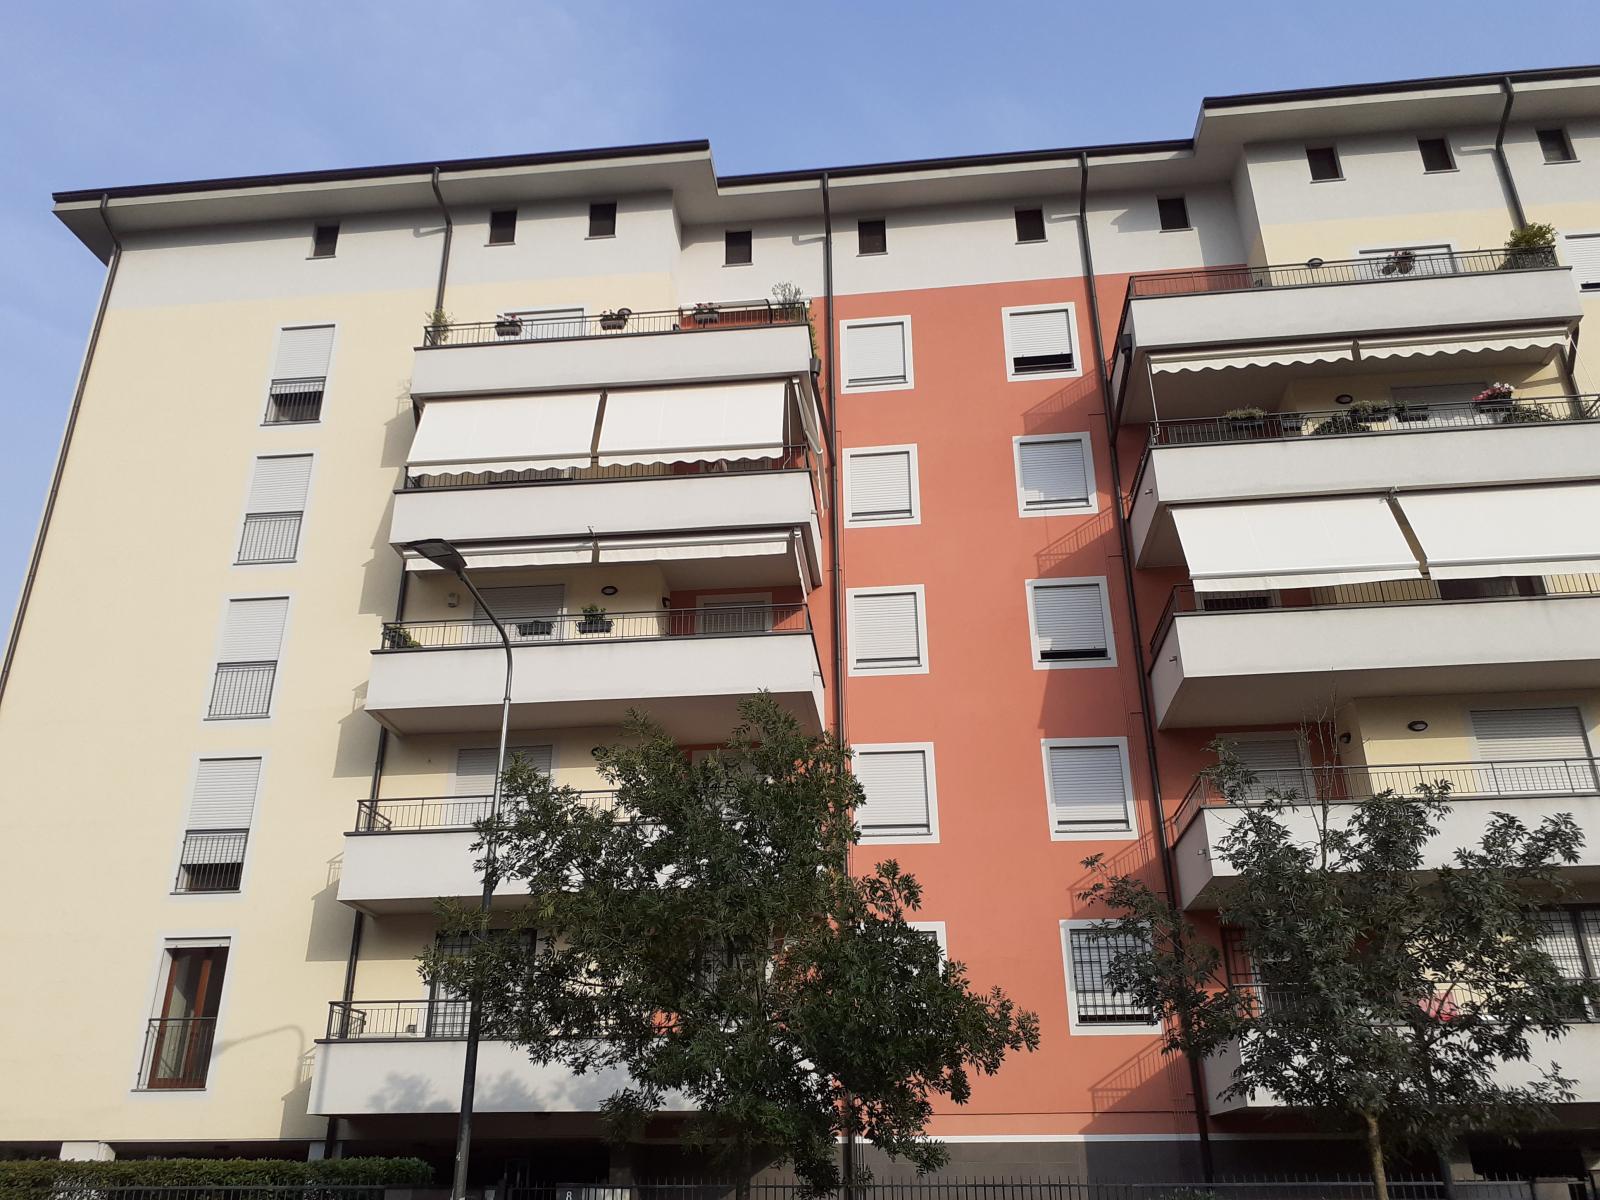 appartamento-open-space-milano-via-broggini-baggio-spaziourbano-immobiliare-vende-21